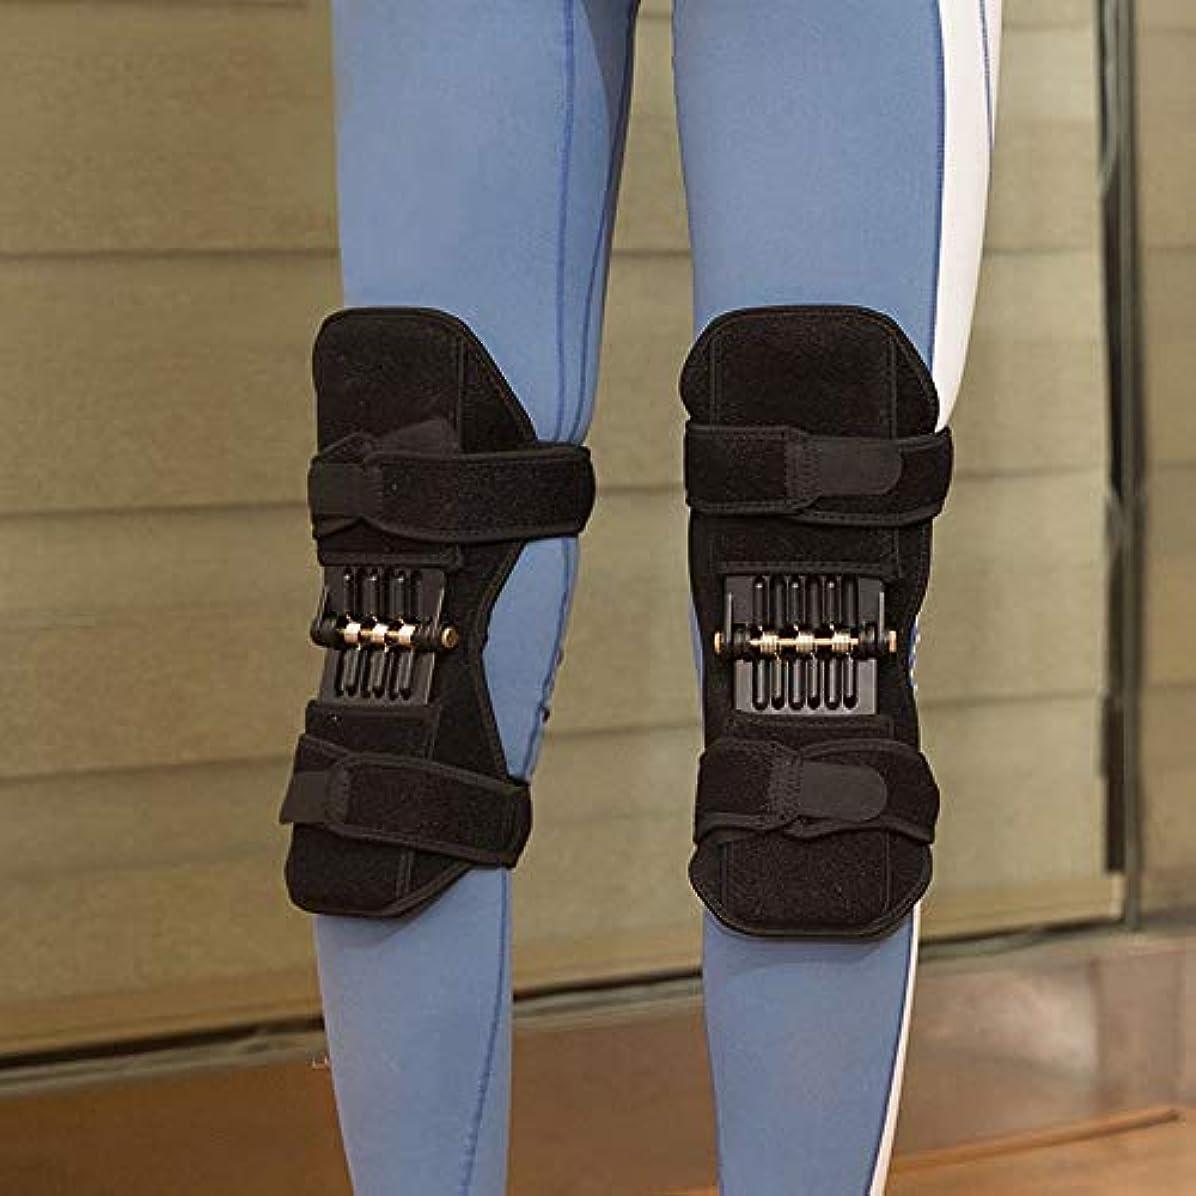 失業者挑む役に立つ1 ペアスポーツ 春の膝 ストラップ 登山 ランニング 膝 ブースター 膝 パッド 膝関節保護 マッサージツール